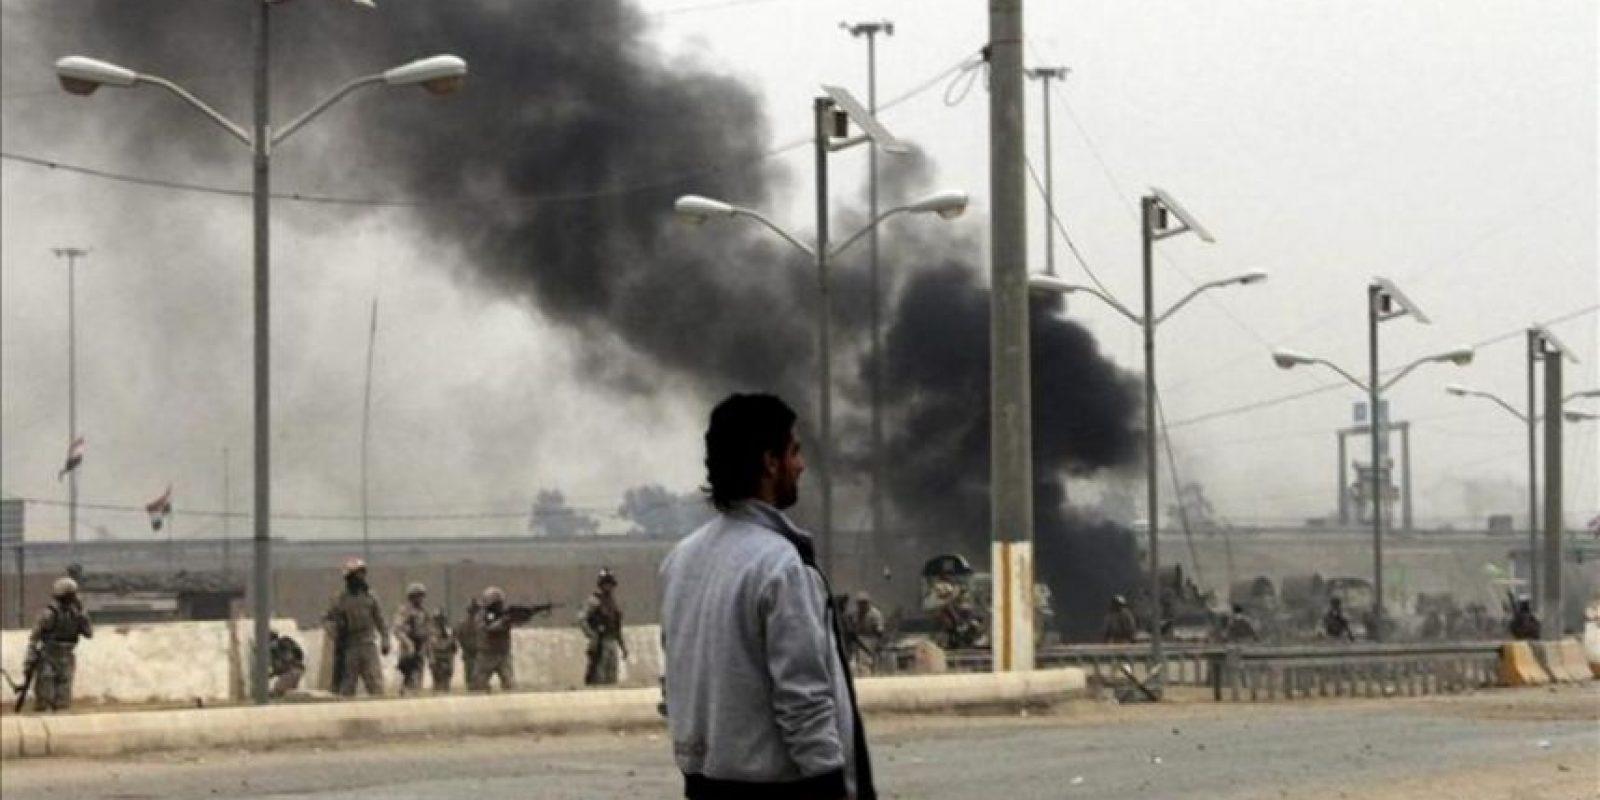 Un hombre pasa junto a soldados iraquíes y un camión militar en llamas durante los enfrentamientos entre manifestantes suníes y soldados iraquíes en la ciudad de Faluya, 50 kilómetros al oeste de Bagdad (Irak). EFE